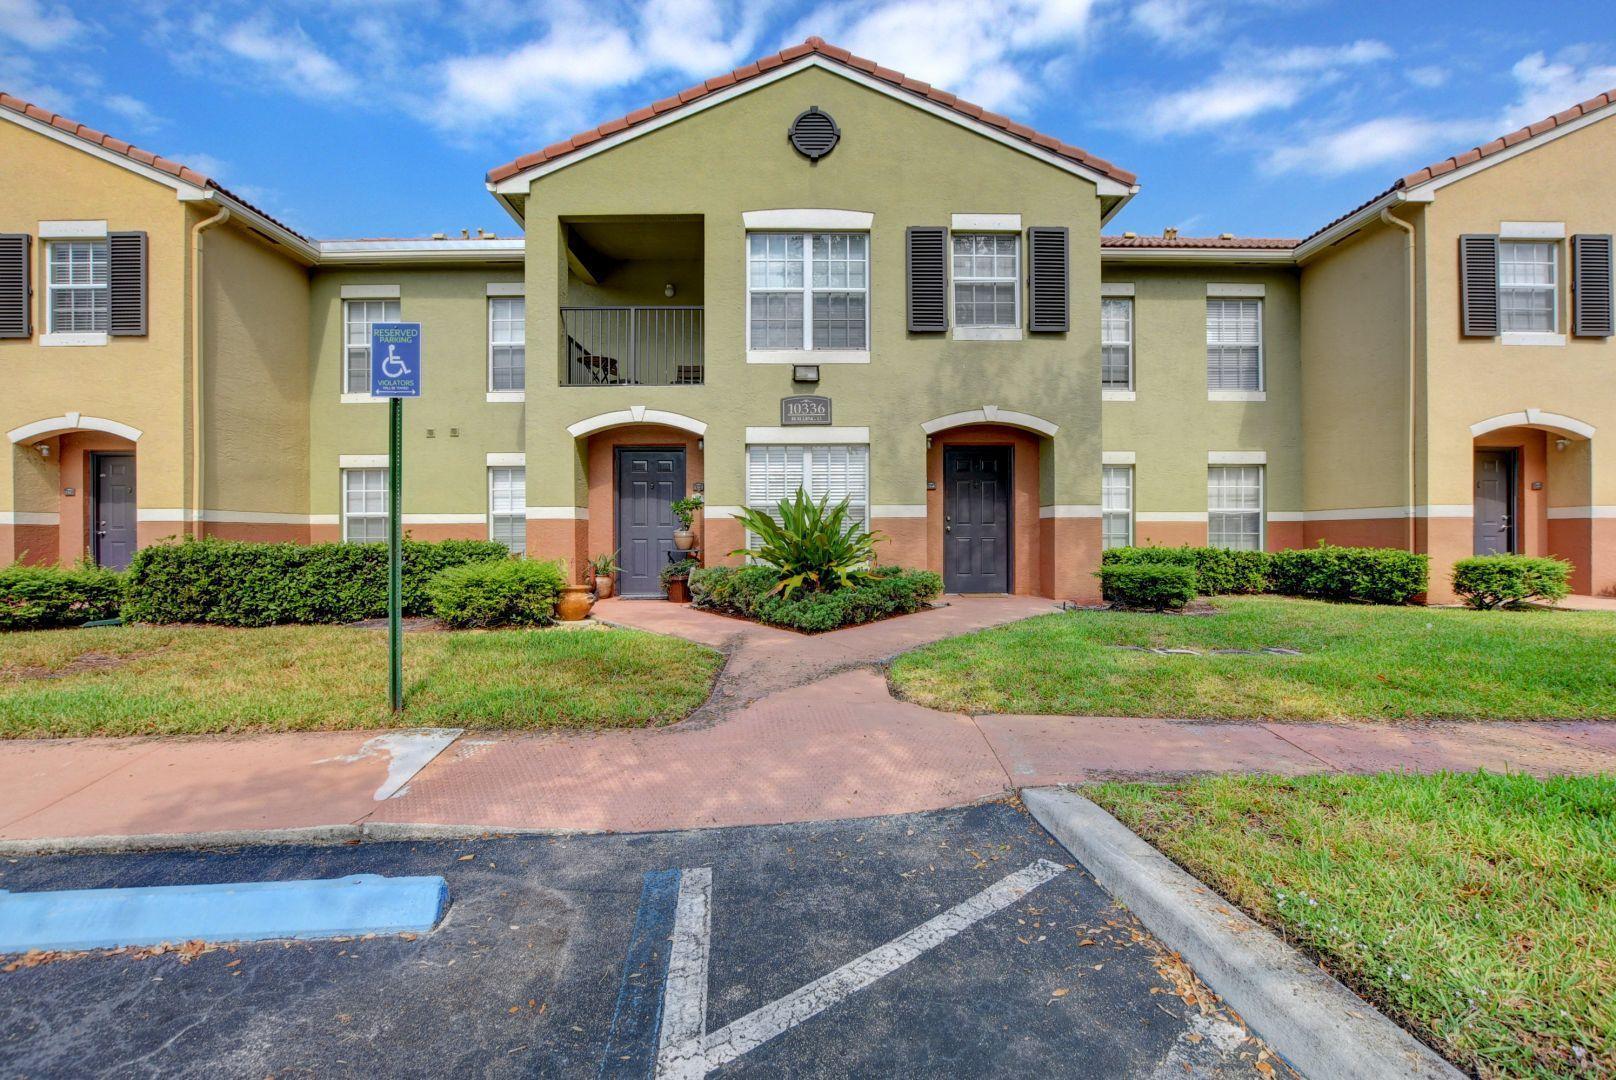 10336 S Fox Trail Road 1304 Royal Palm Beach, FL 33411